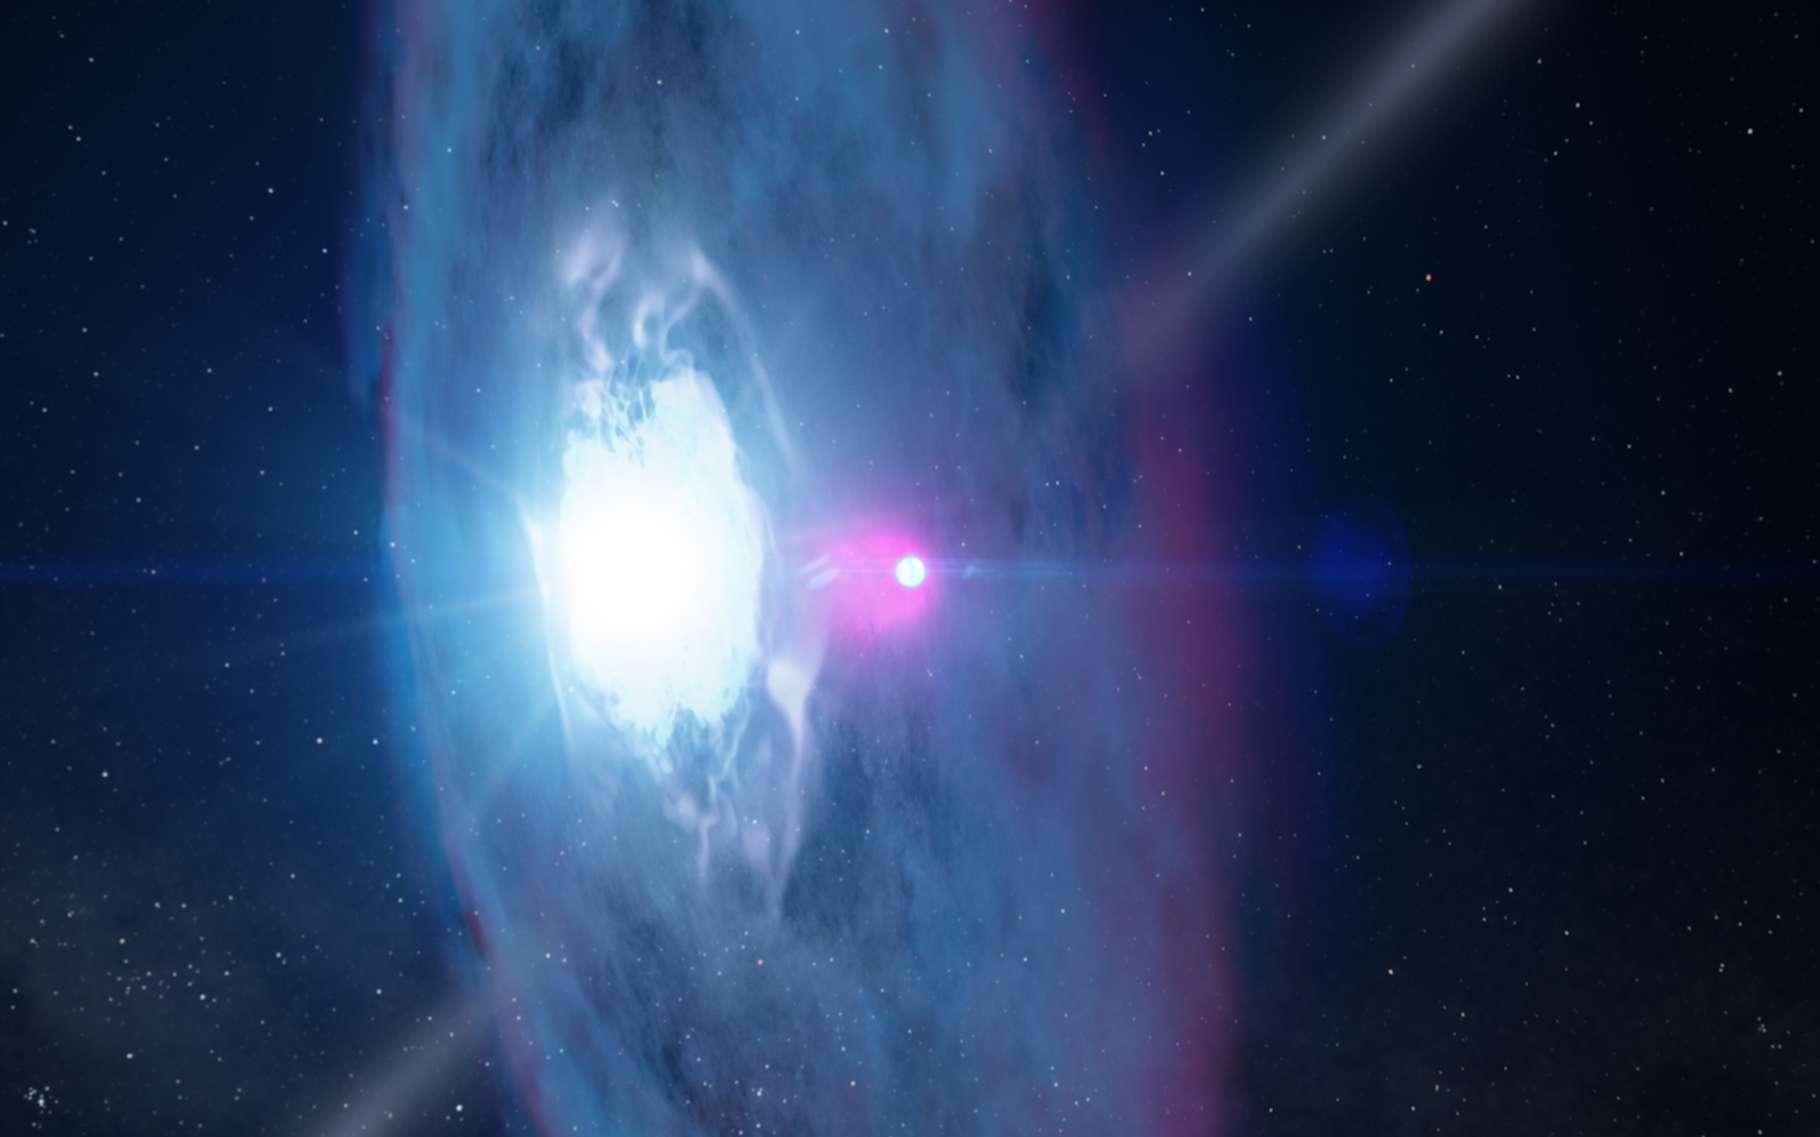 Illustration du pulsar J2032 pénétrant l'environnement de son compagnon, la géante bleue MT91 213. Le phénomène se produira en 2018 et occasionnera un remarquable feu d'artifice qui sera disséqué dans toutes les longueurs d'onde par de nombreux astrophysiciens. © Nasa, GSFC